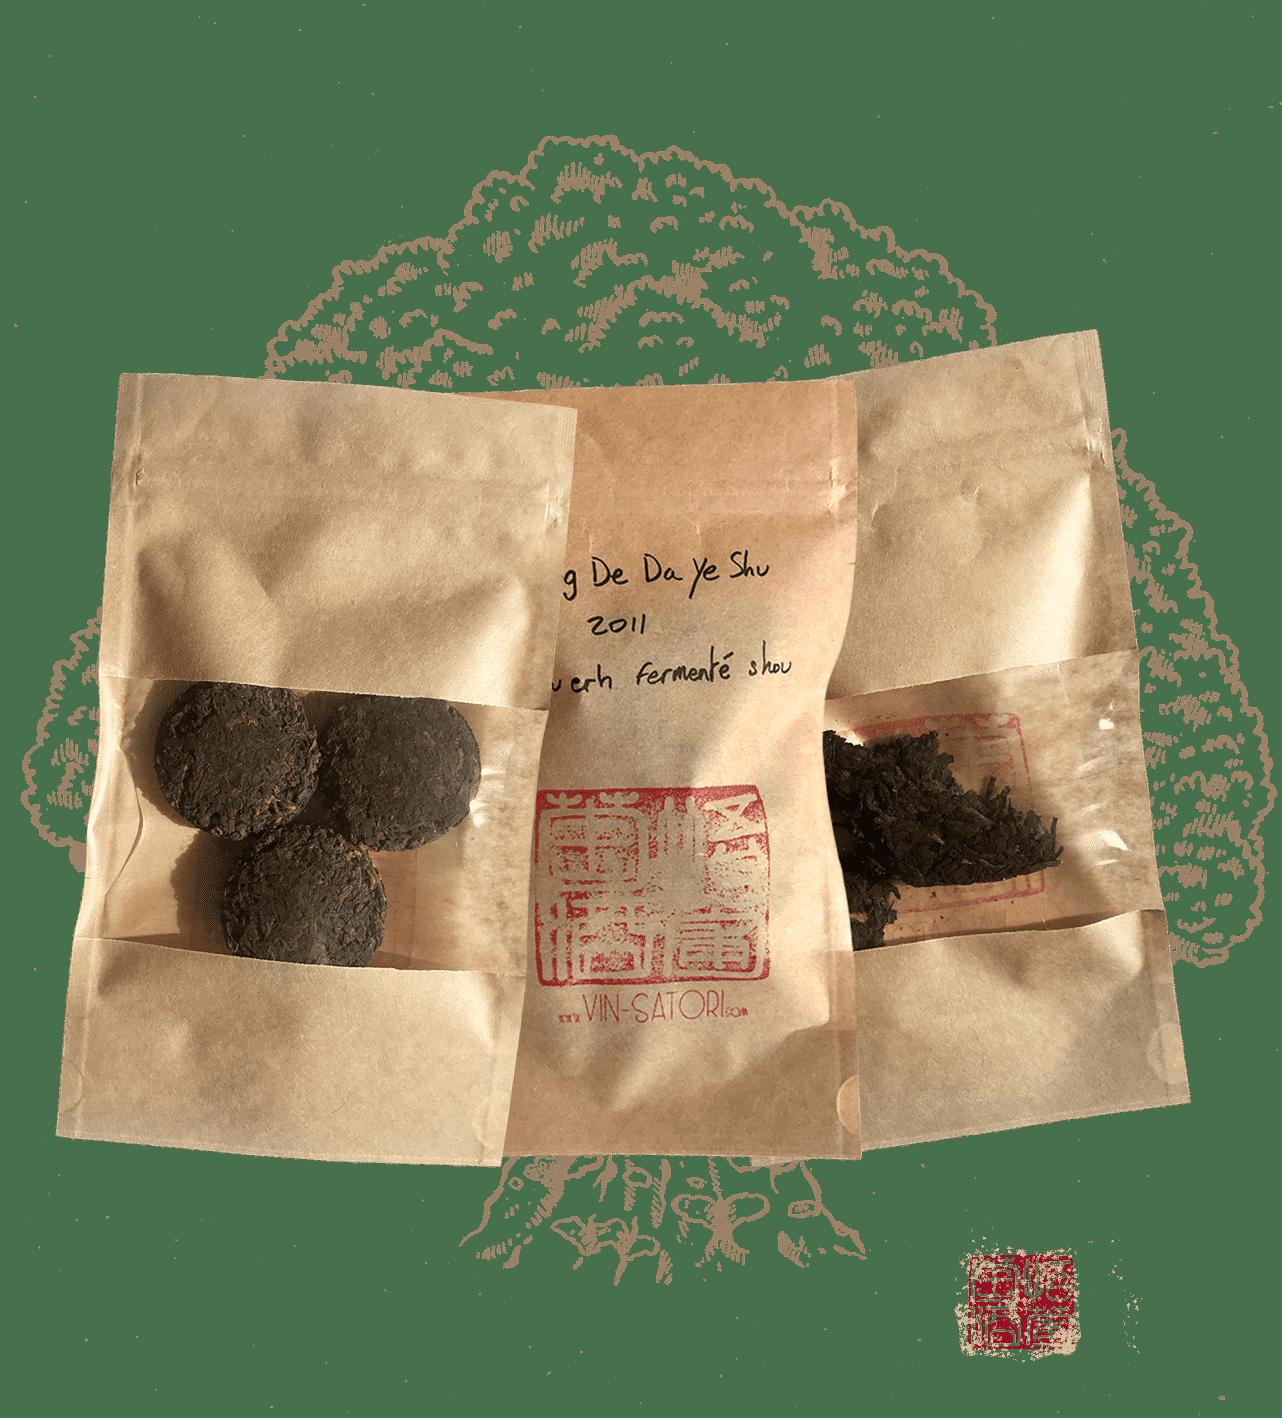 le pack matin calme est un pack de plusieurs thé puerh fermenté shou